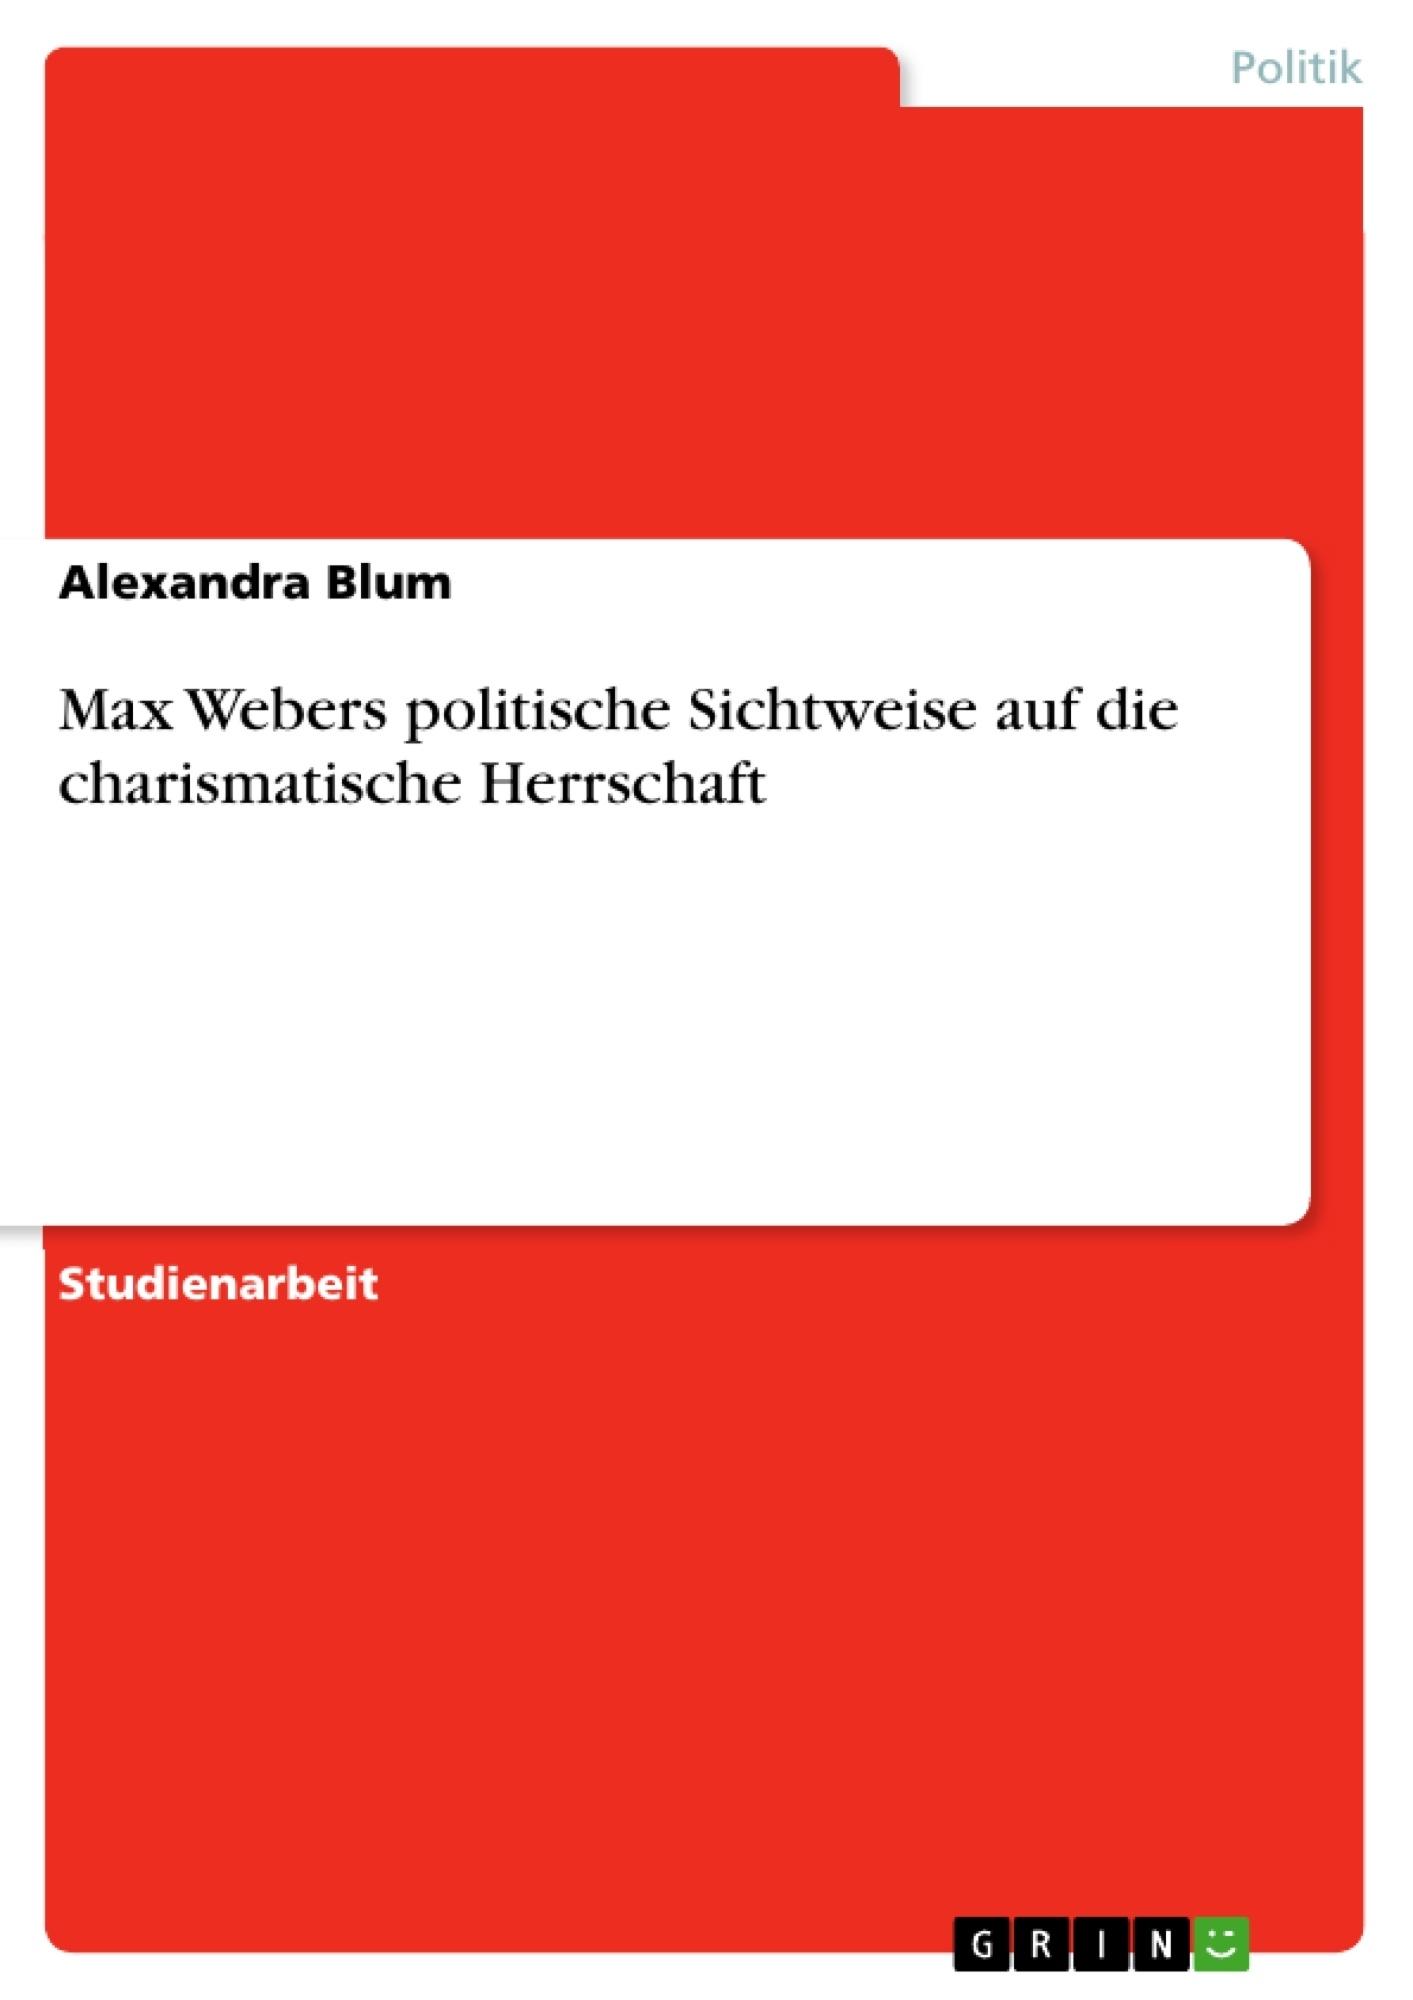 Titel: Max Webers politische Sichtweise auf die charismatische Herrschaft